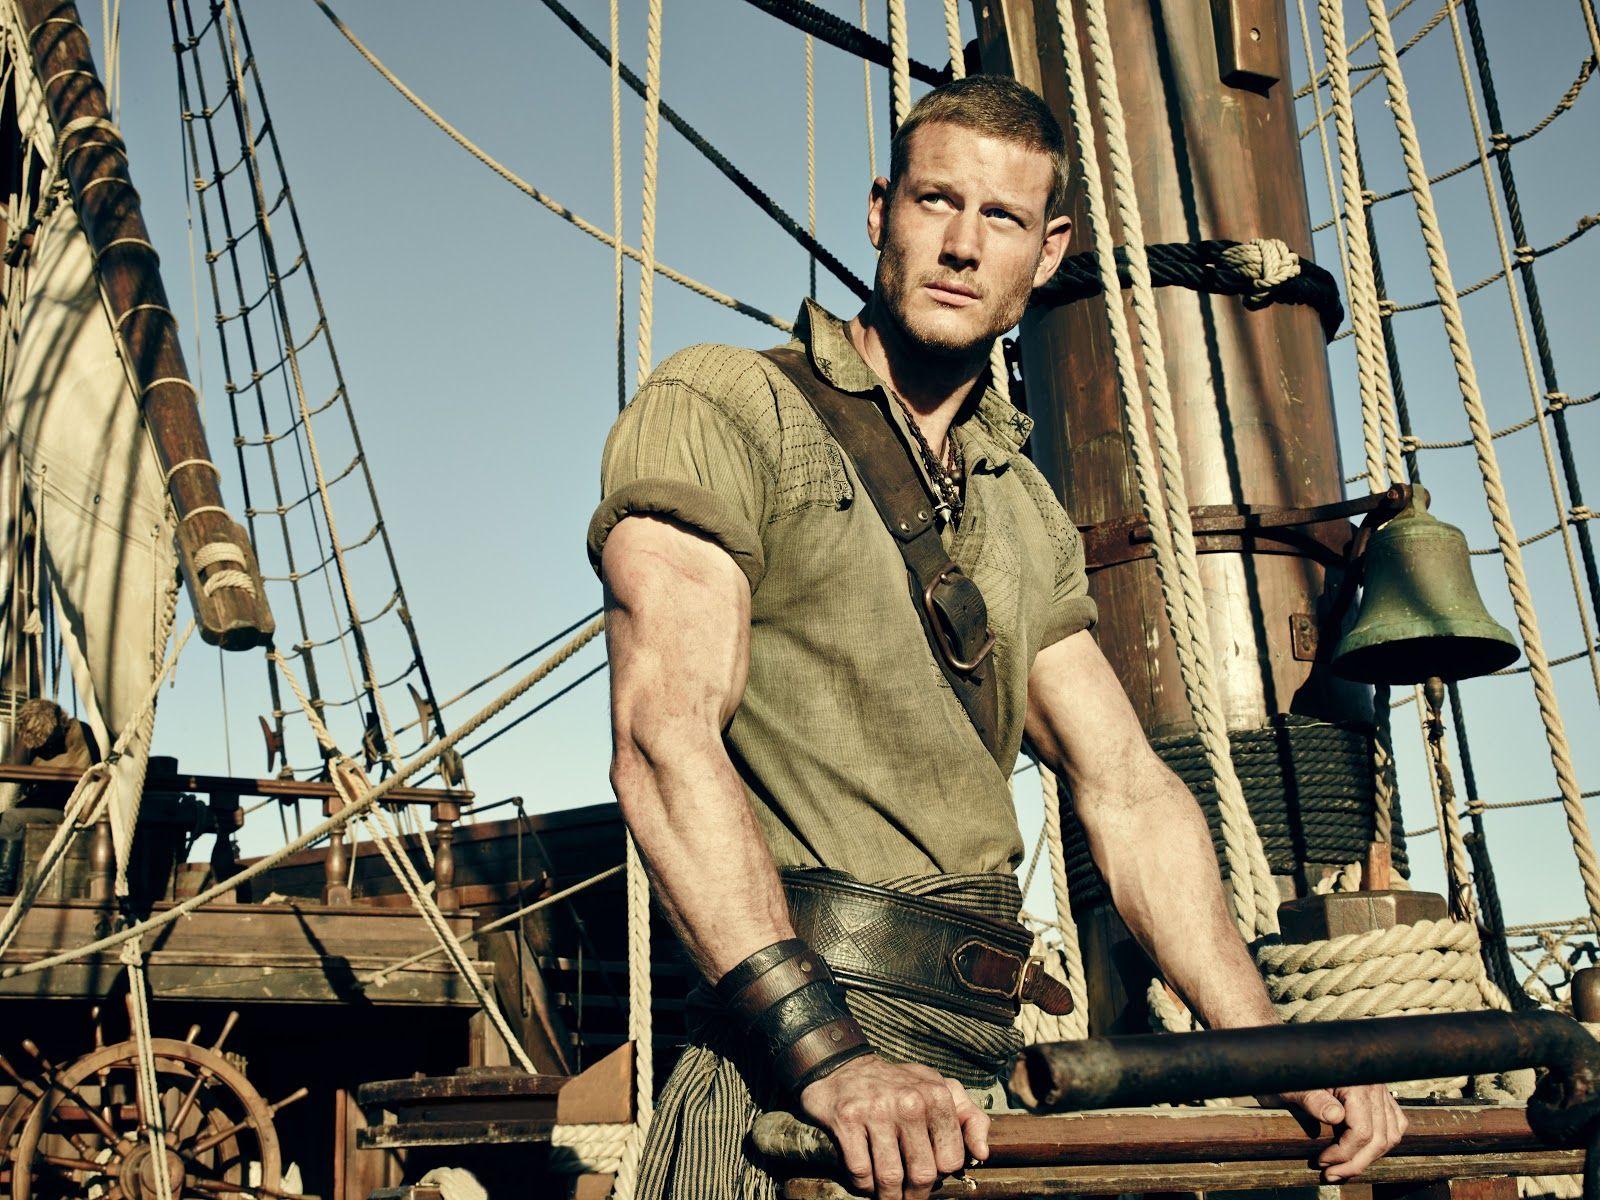 Black sails s3 pirate captain flint leather coat - Black Sails Billy Bones Google Search